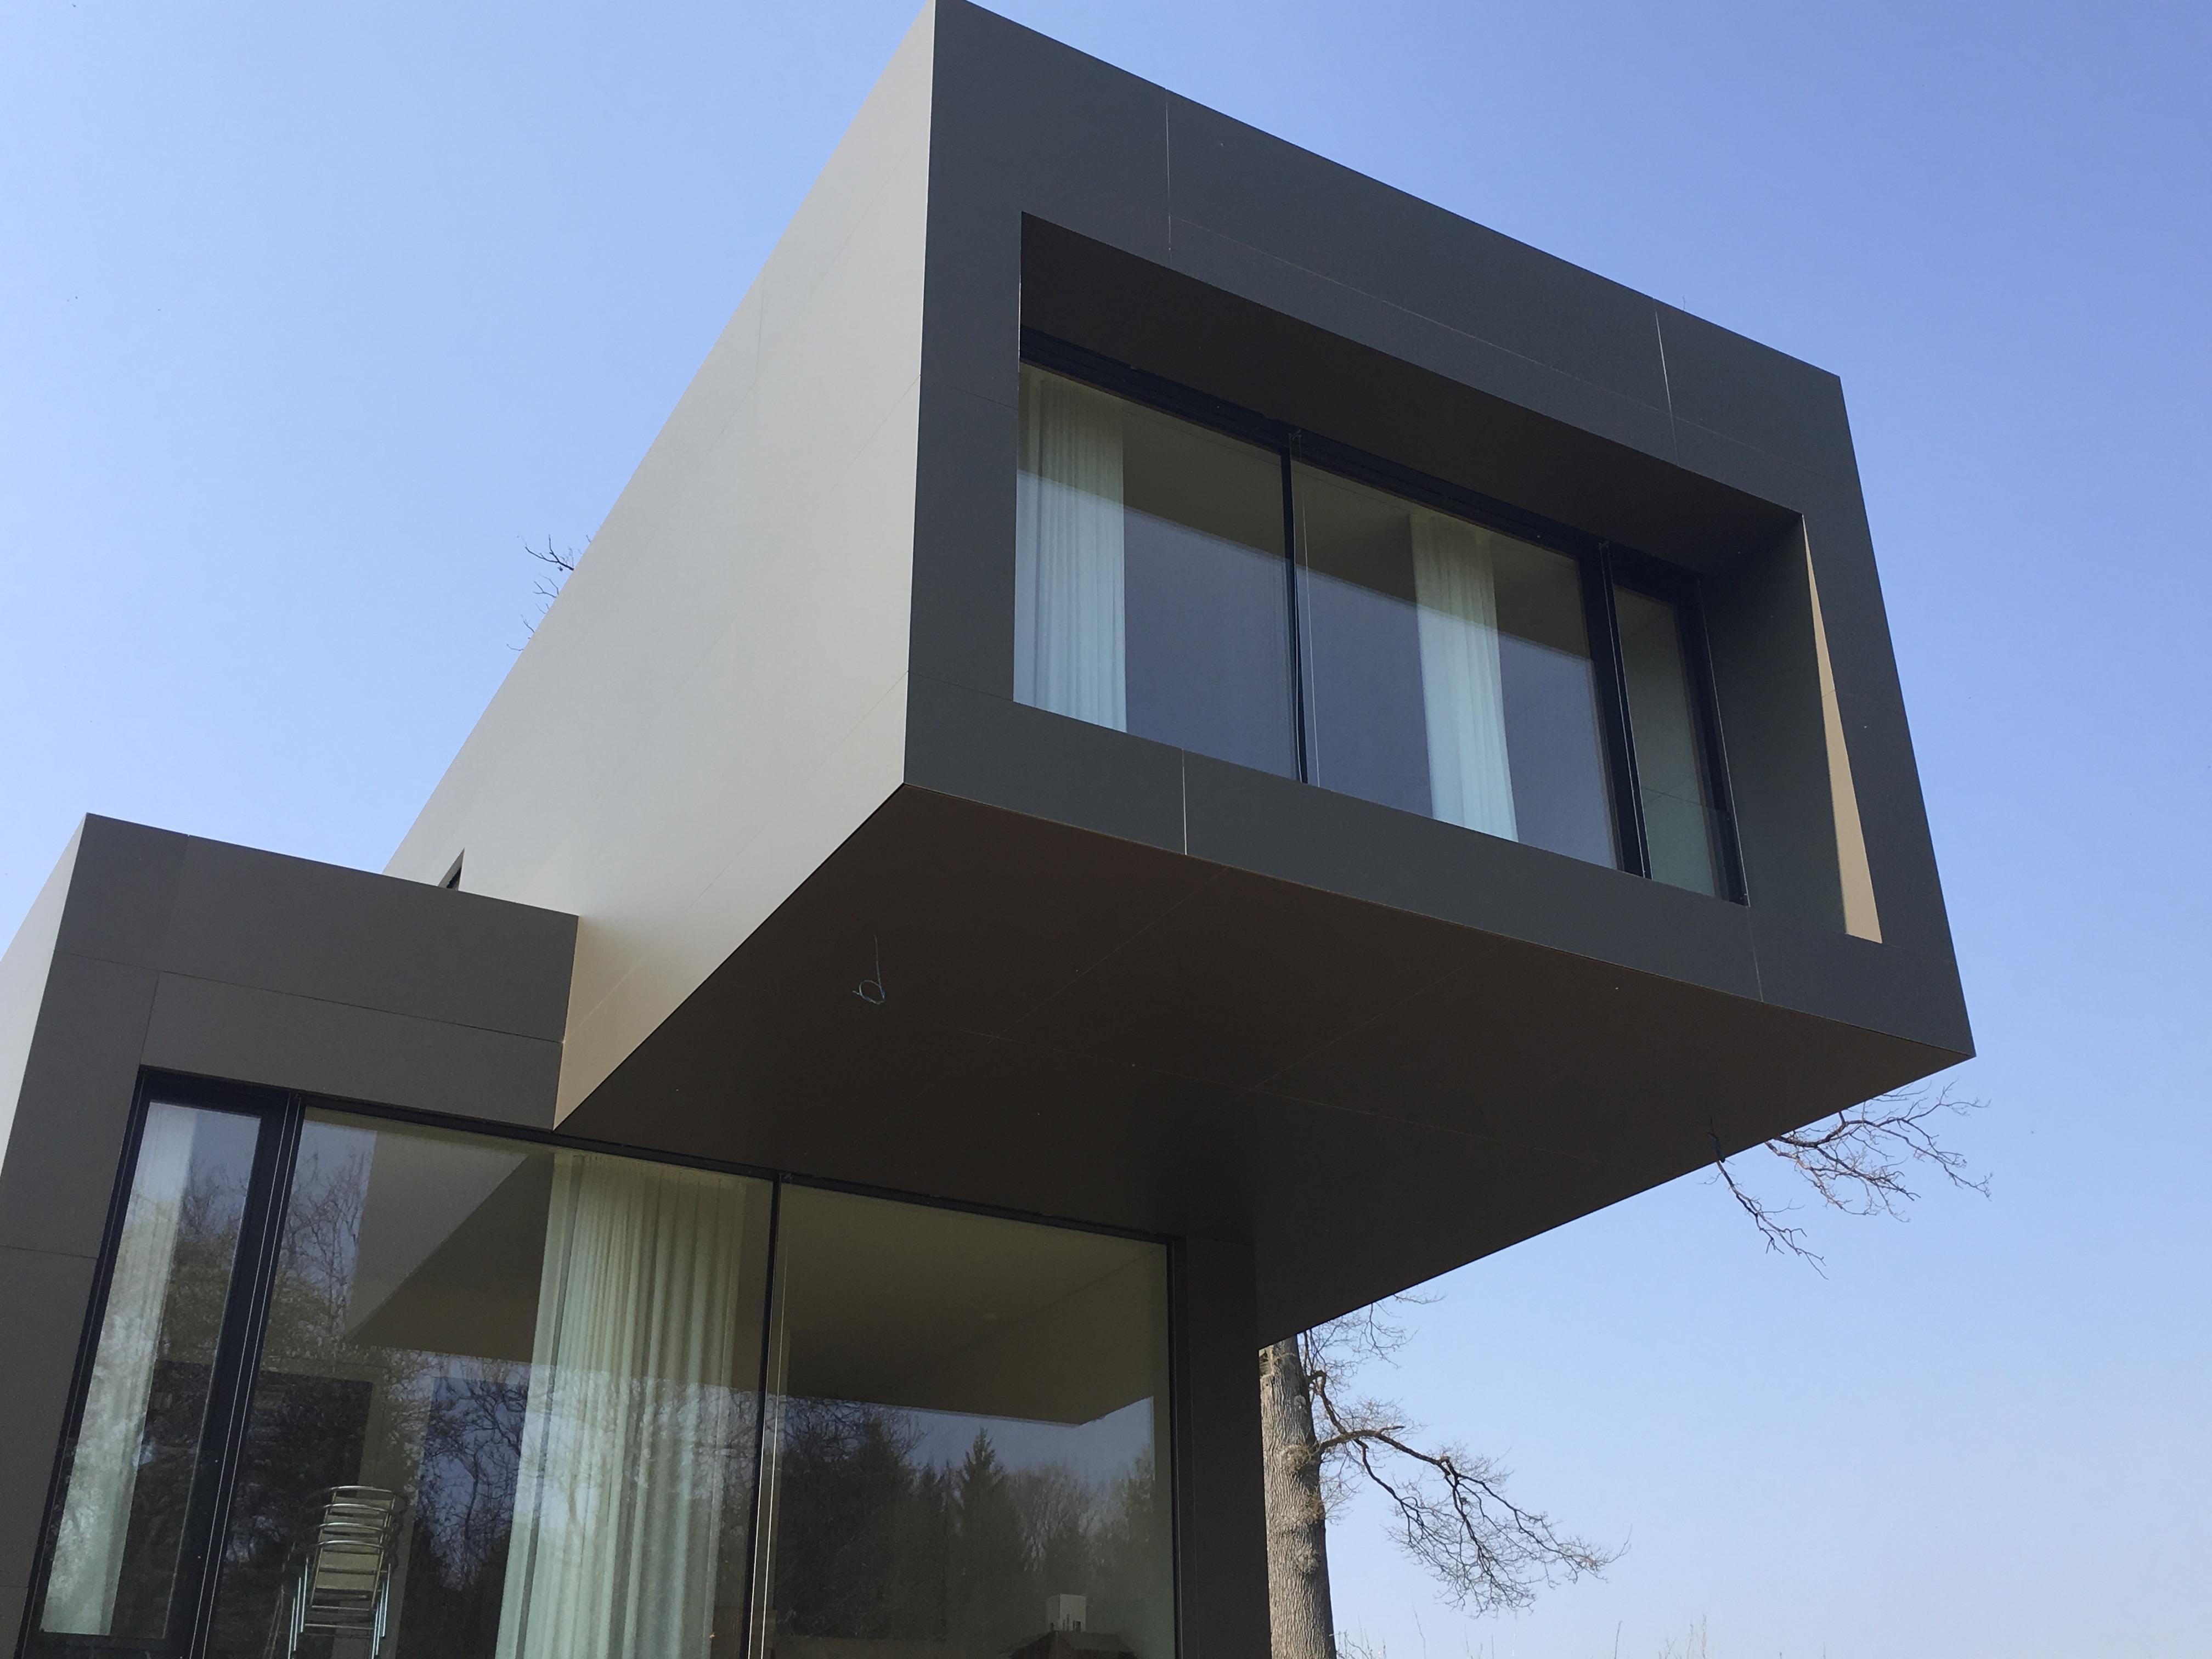 Bemerkenswert Fassade Haus Ideen Von Img_0701